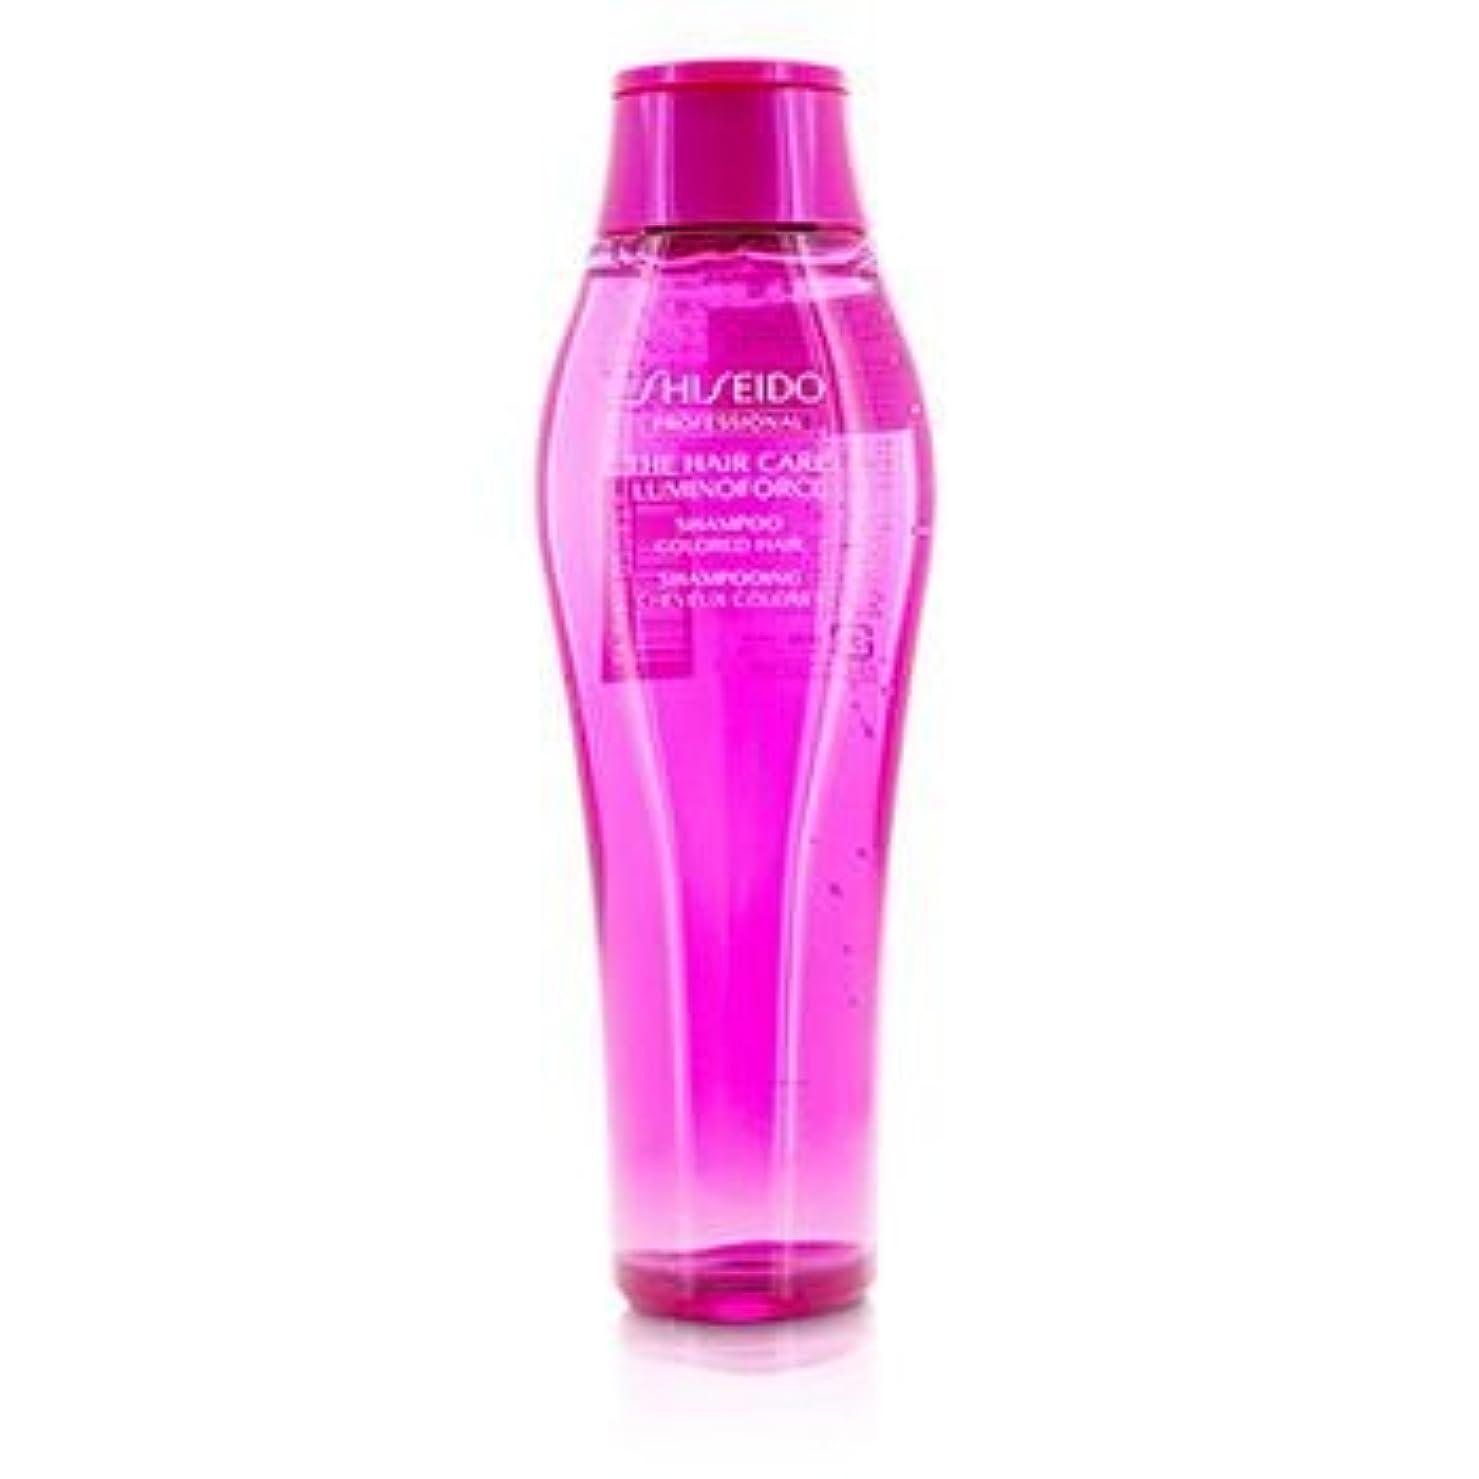 消去代数的ドール[Shiseido] The Hair Care Luminoforce Shampoo (Colored Hair) 250ml/8.5oz